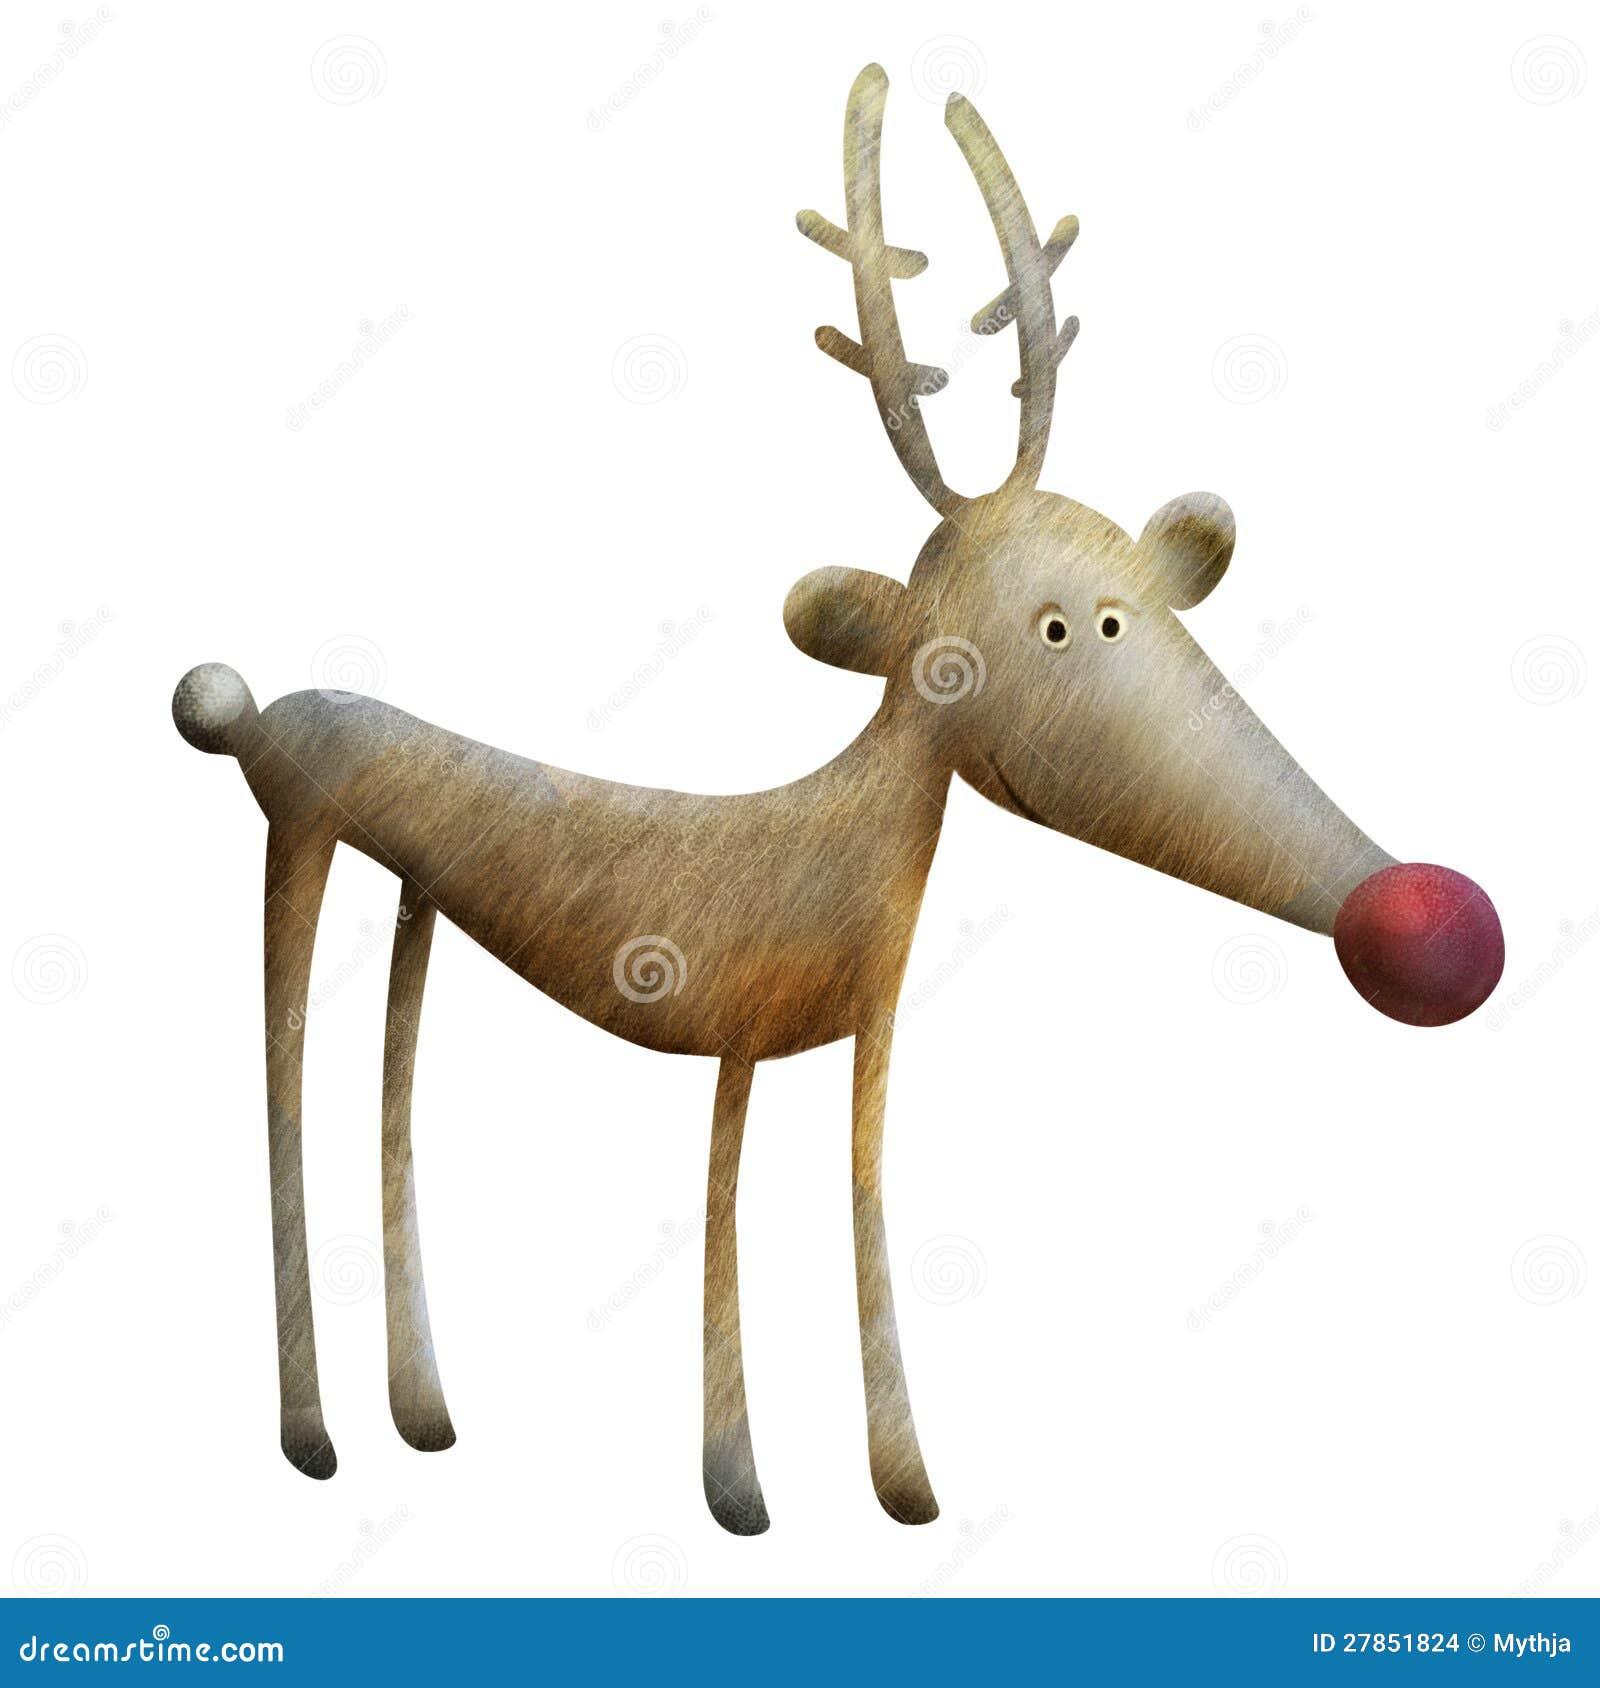 reindeer illustration stock images   image 27851824